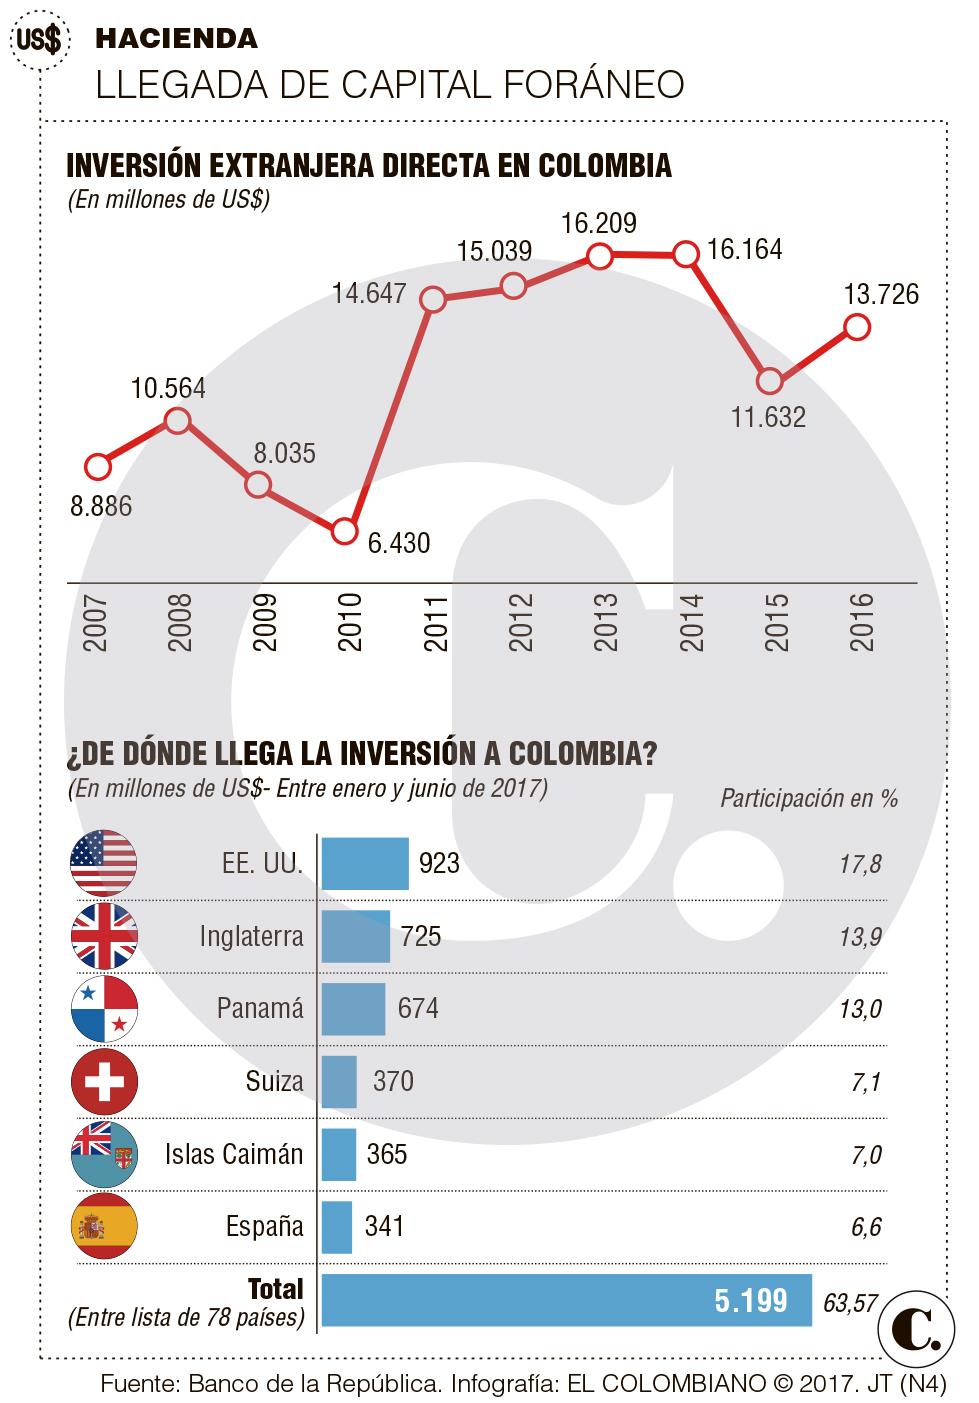 EE. UU. e Inglaterra, desde donde llega más inversión